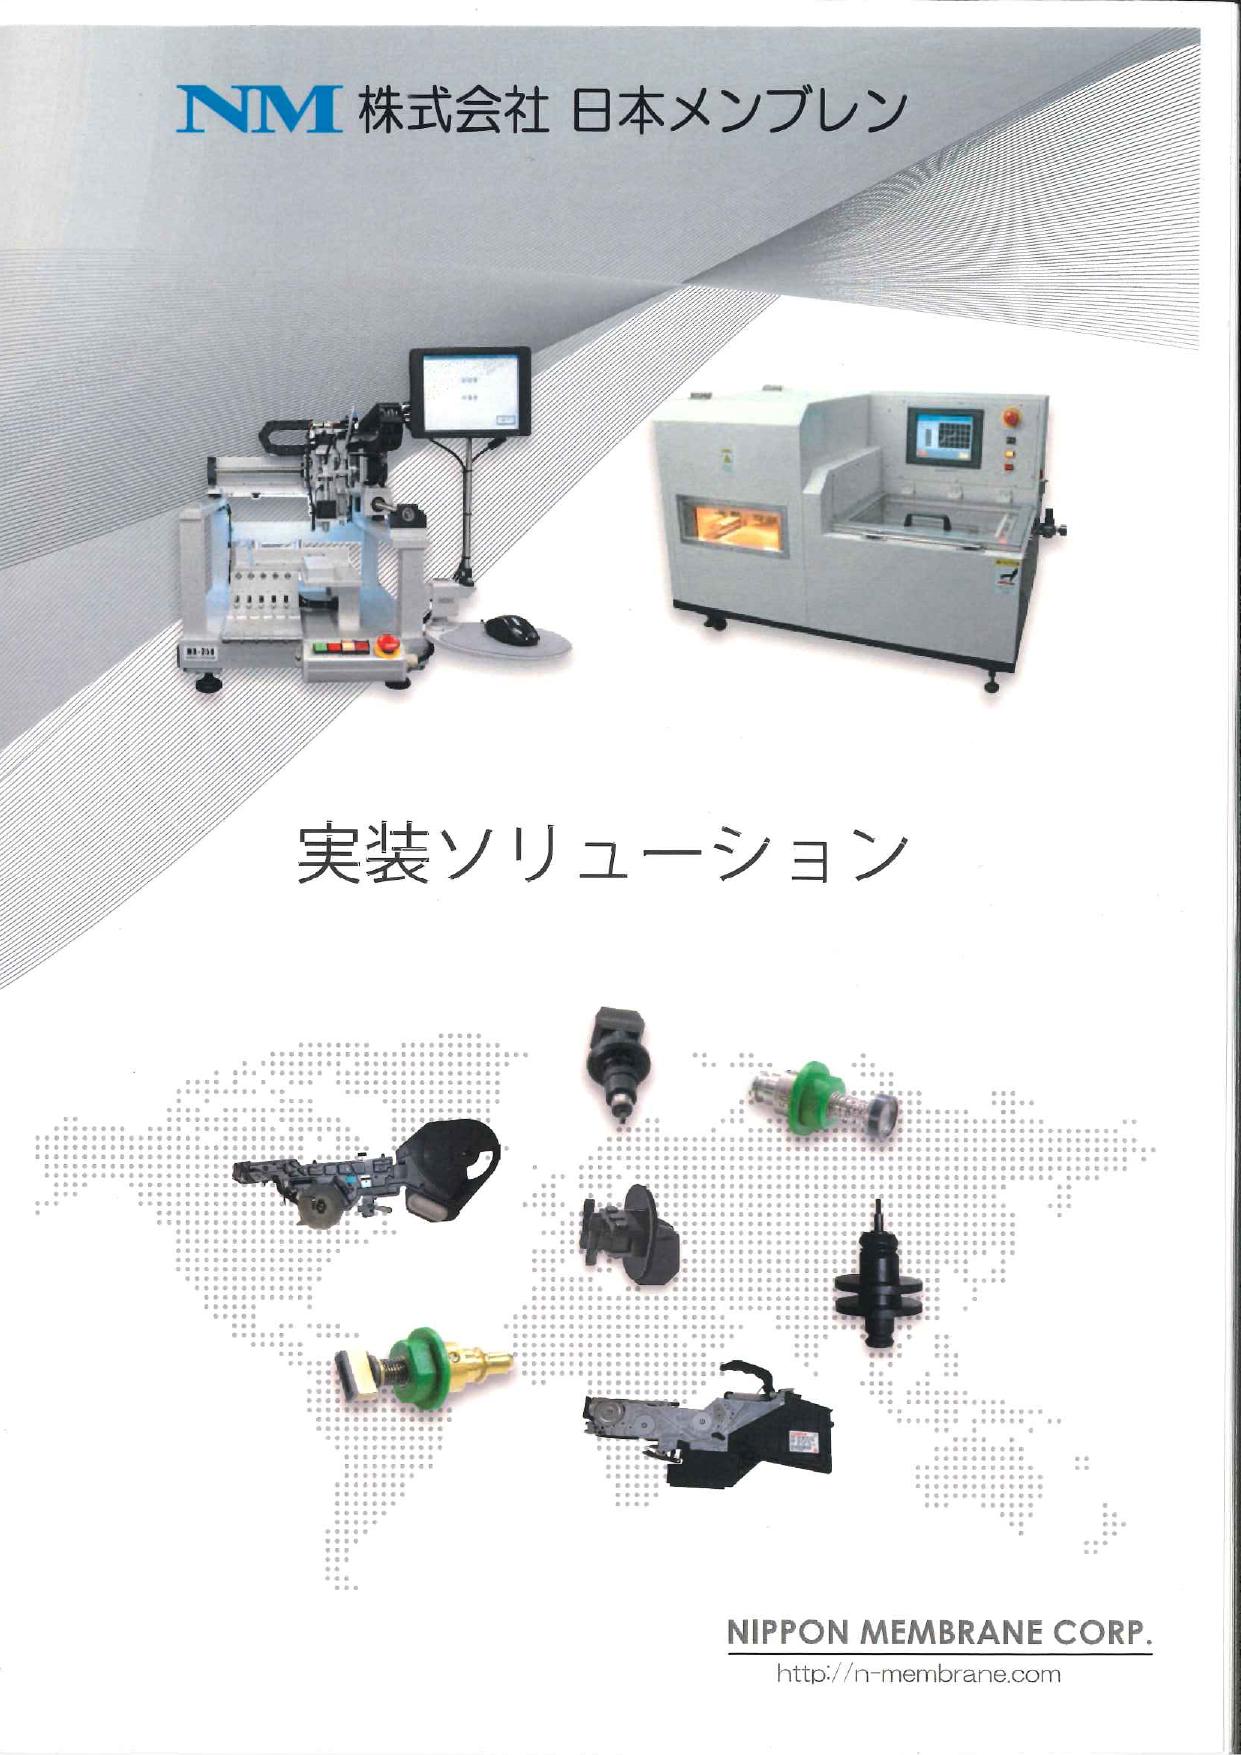 半田印刷機+チップマウンター+リフロー装置 日本メンブレン社 SMT設備関連機器総合カタログ